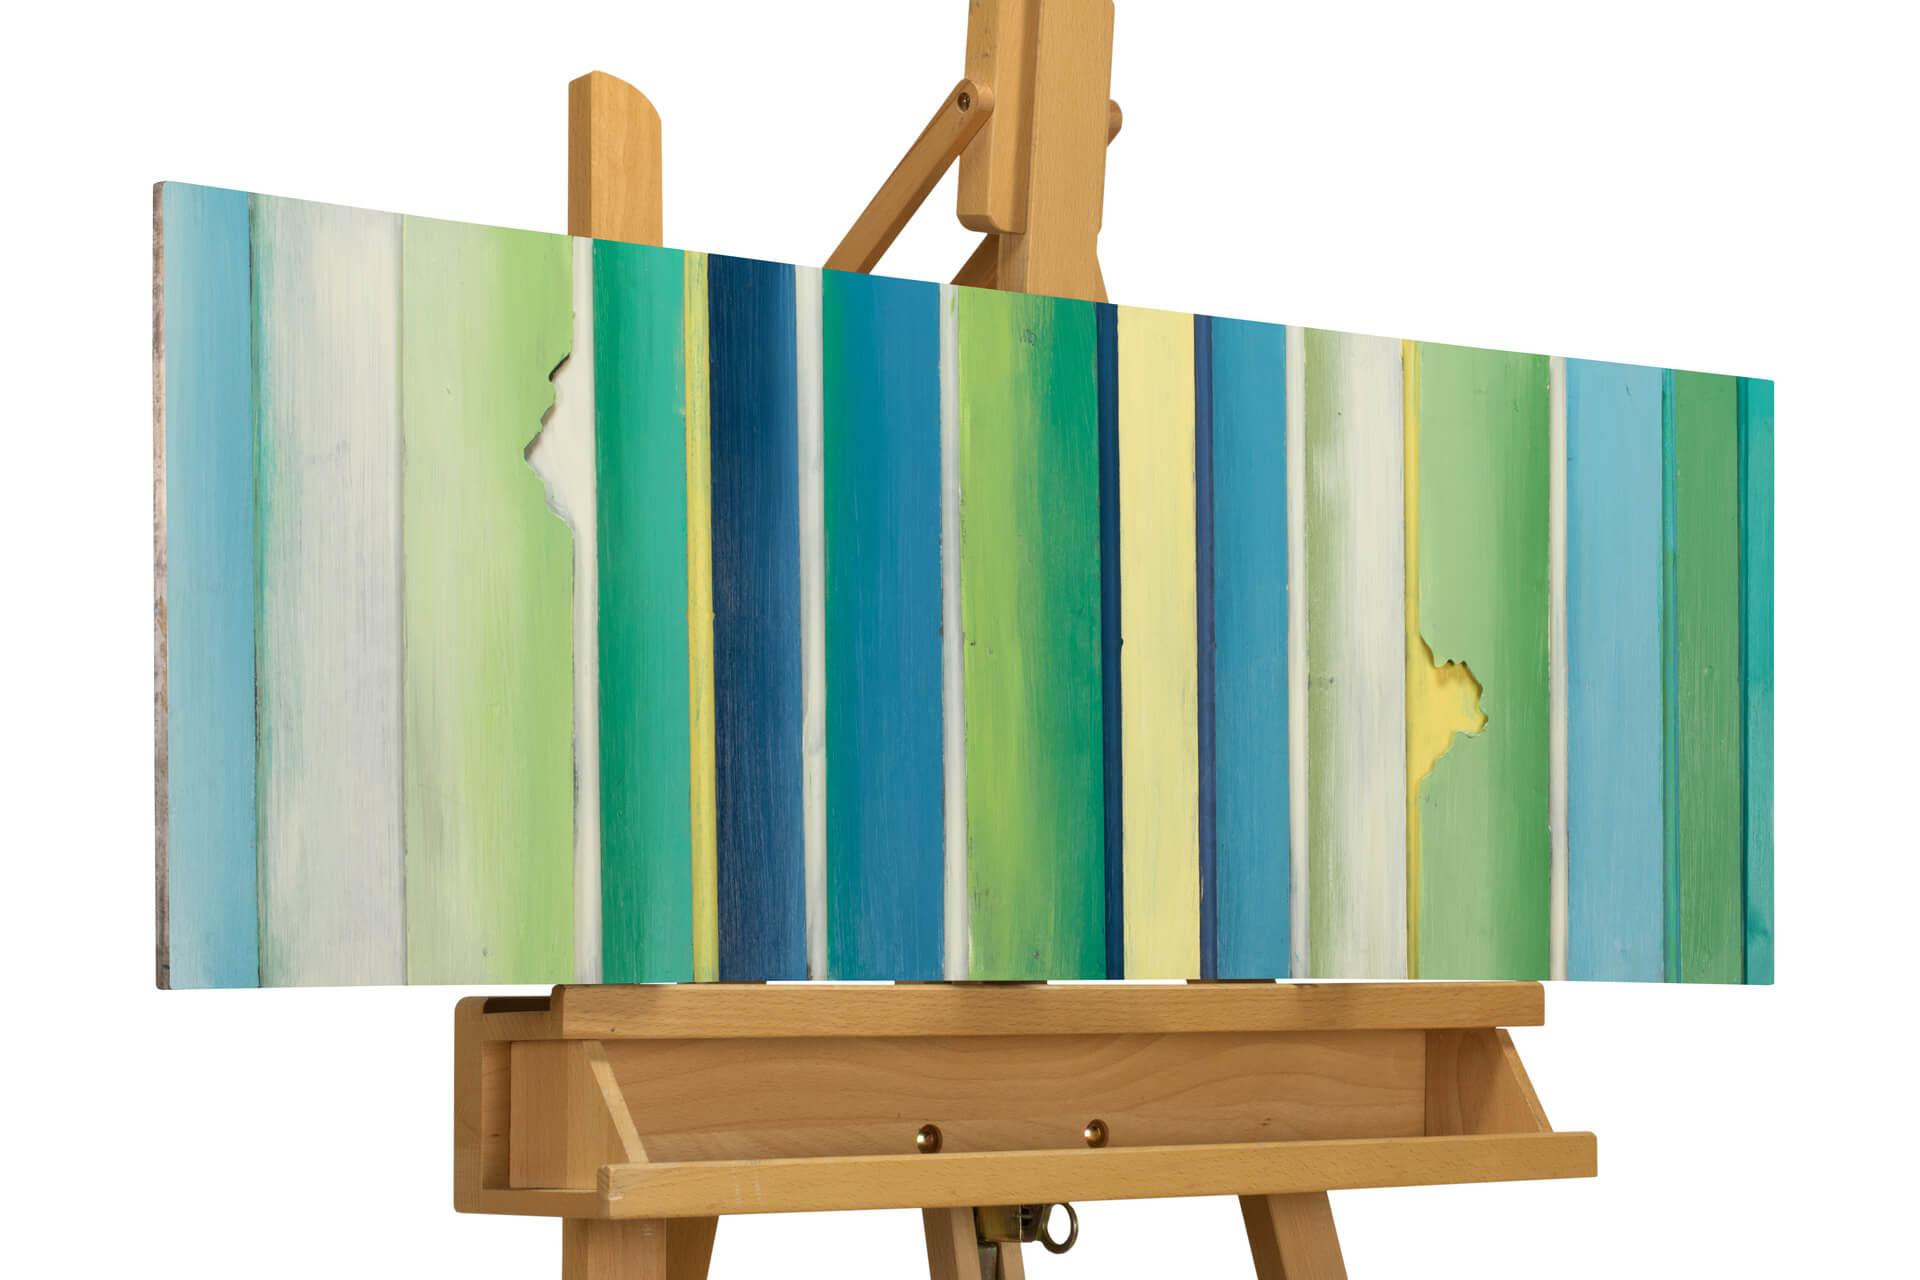 KL abstrakt streifen gruen blau metall bilder metall wandbilder wanddeko wandskulptur 01